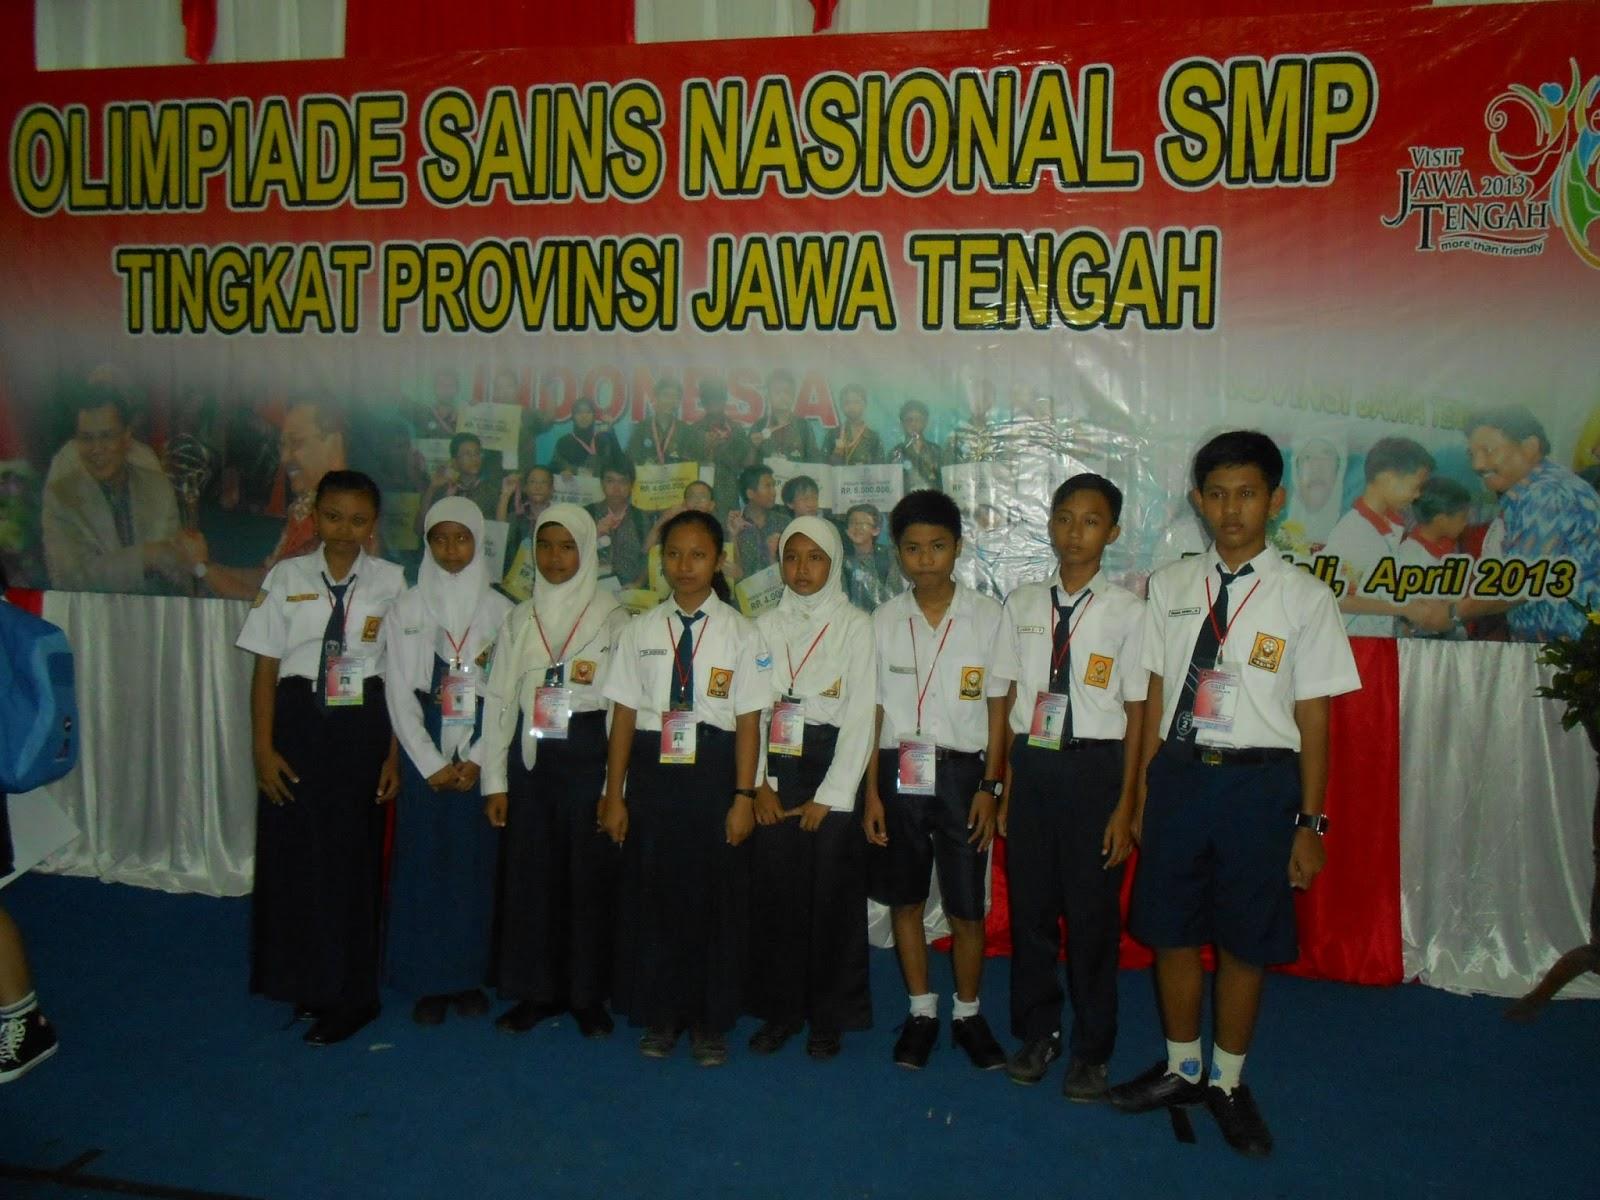 Olimpiade Sains Nasional (OSN) Tingkat SMP Tahun 2013: SMP Negeri 1